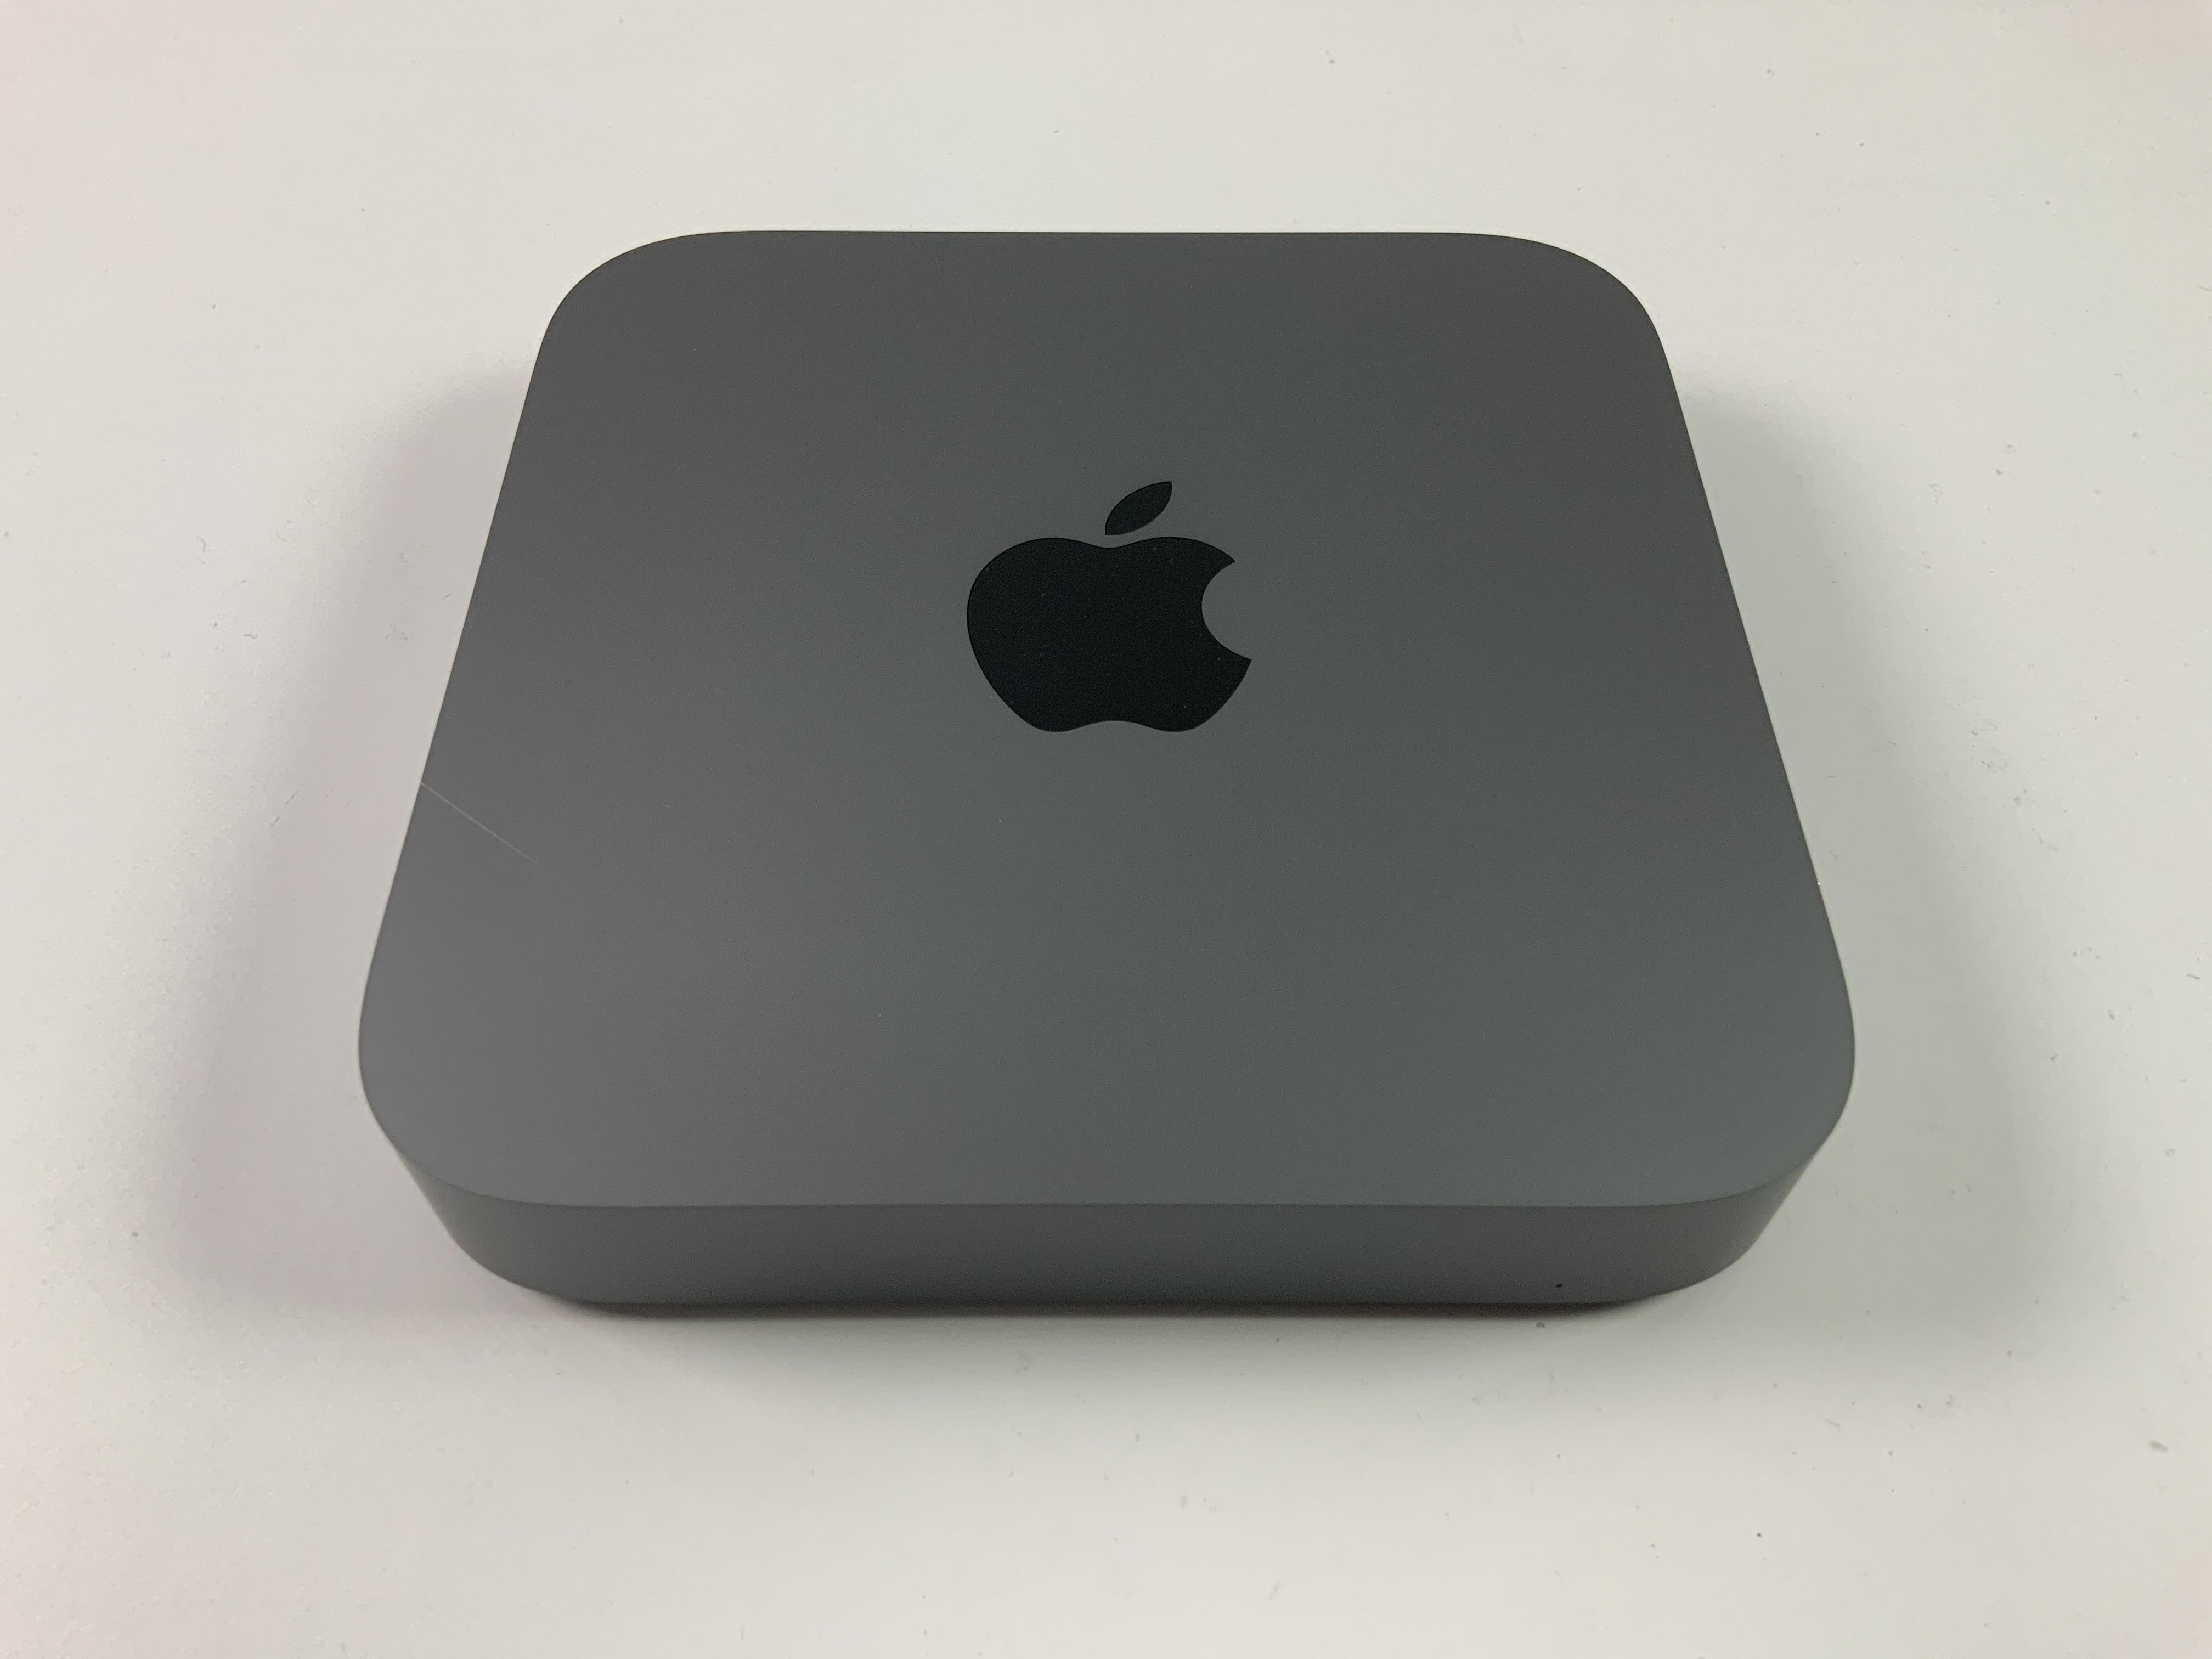 Mac Mini Early 2020 (Intel 6-Core i7 3.2 GHz 32 GB RAM 1 TB SSD), Intel 6-Core i7 3.2 GHz, 32 GB RAM, 1 TB SSD, Afbeelding 1